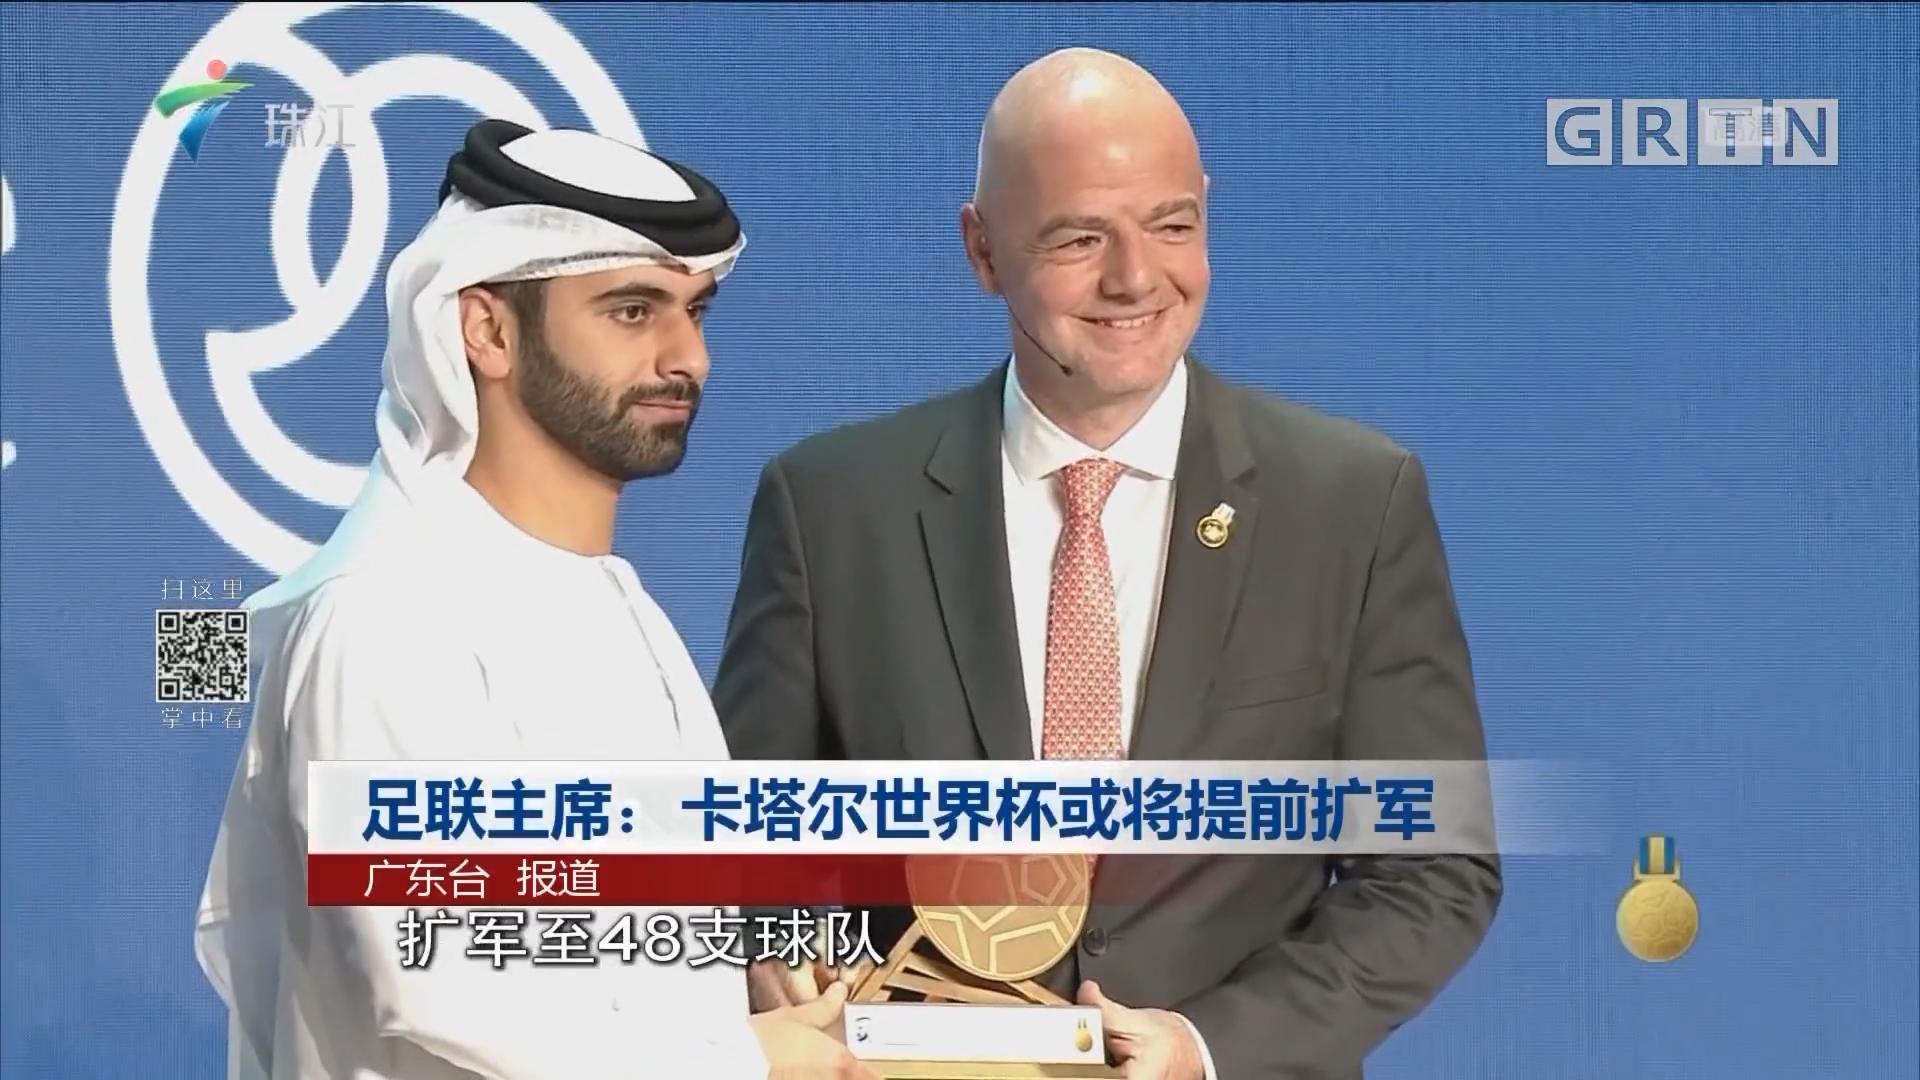 足联主席:卡塔尔世界杯或将提前扩军